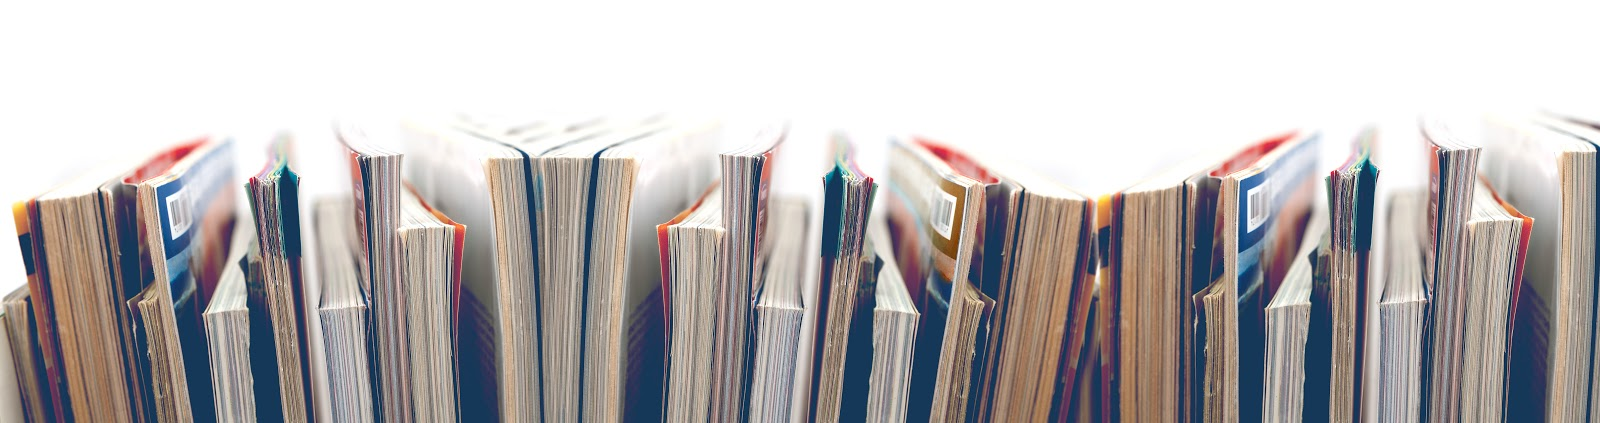 (Alt text: Artículos sobre bibliotecas de componentes electrónicos